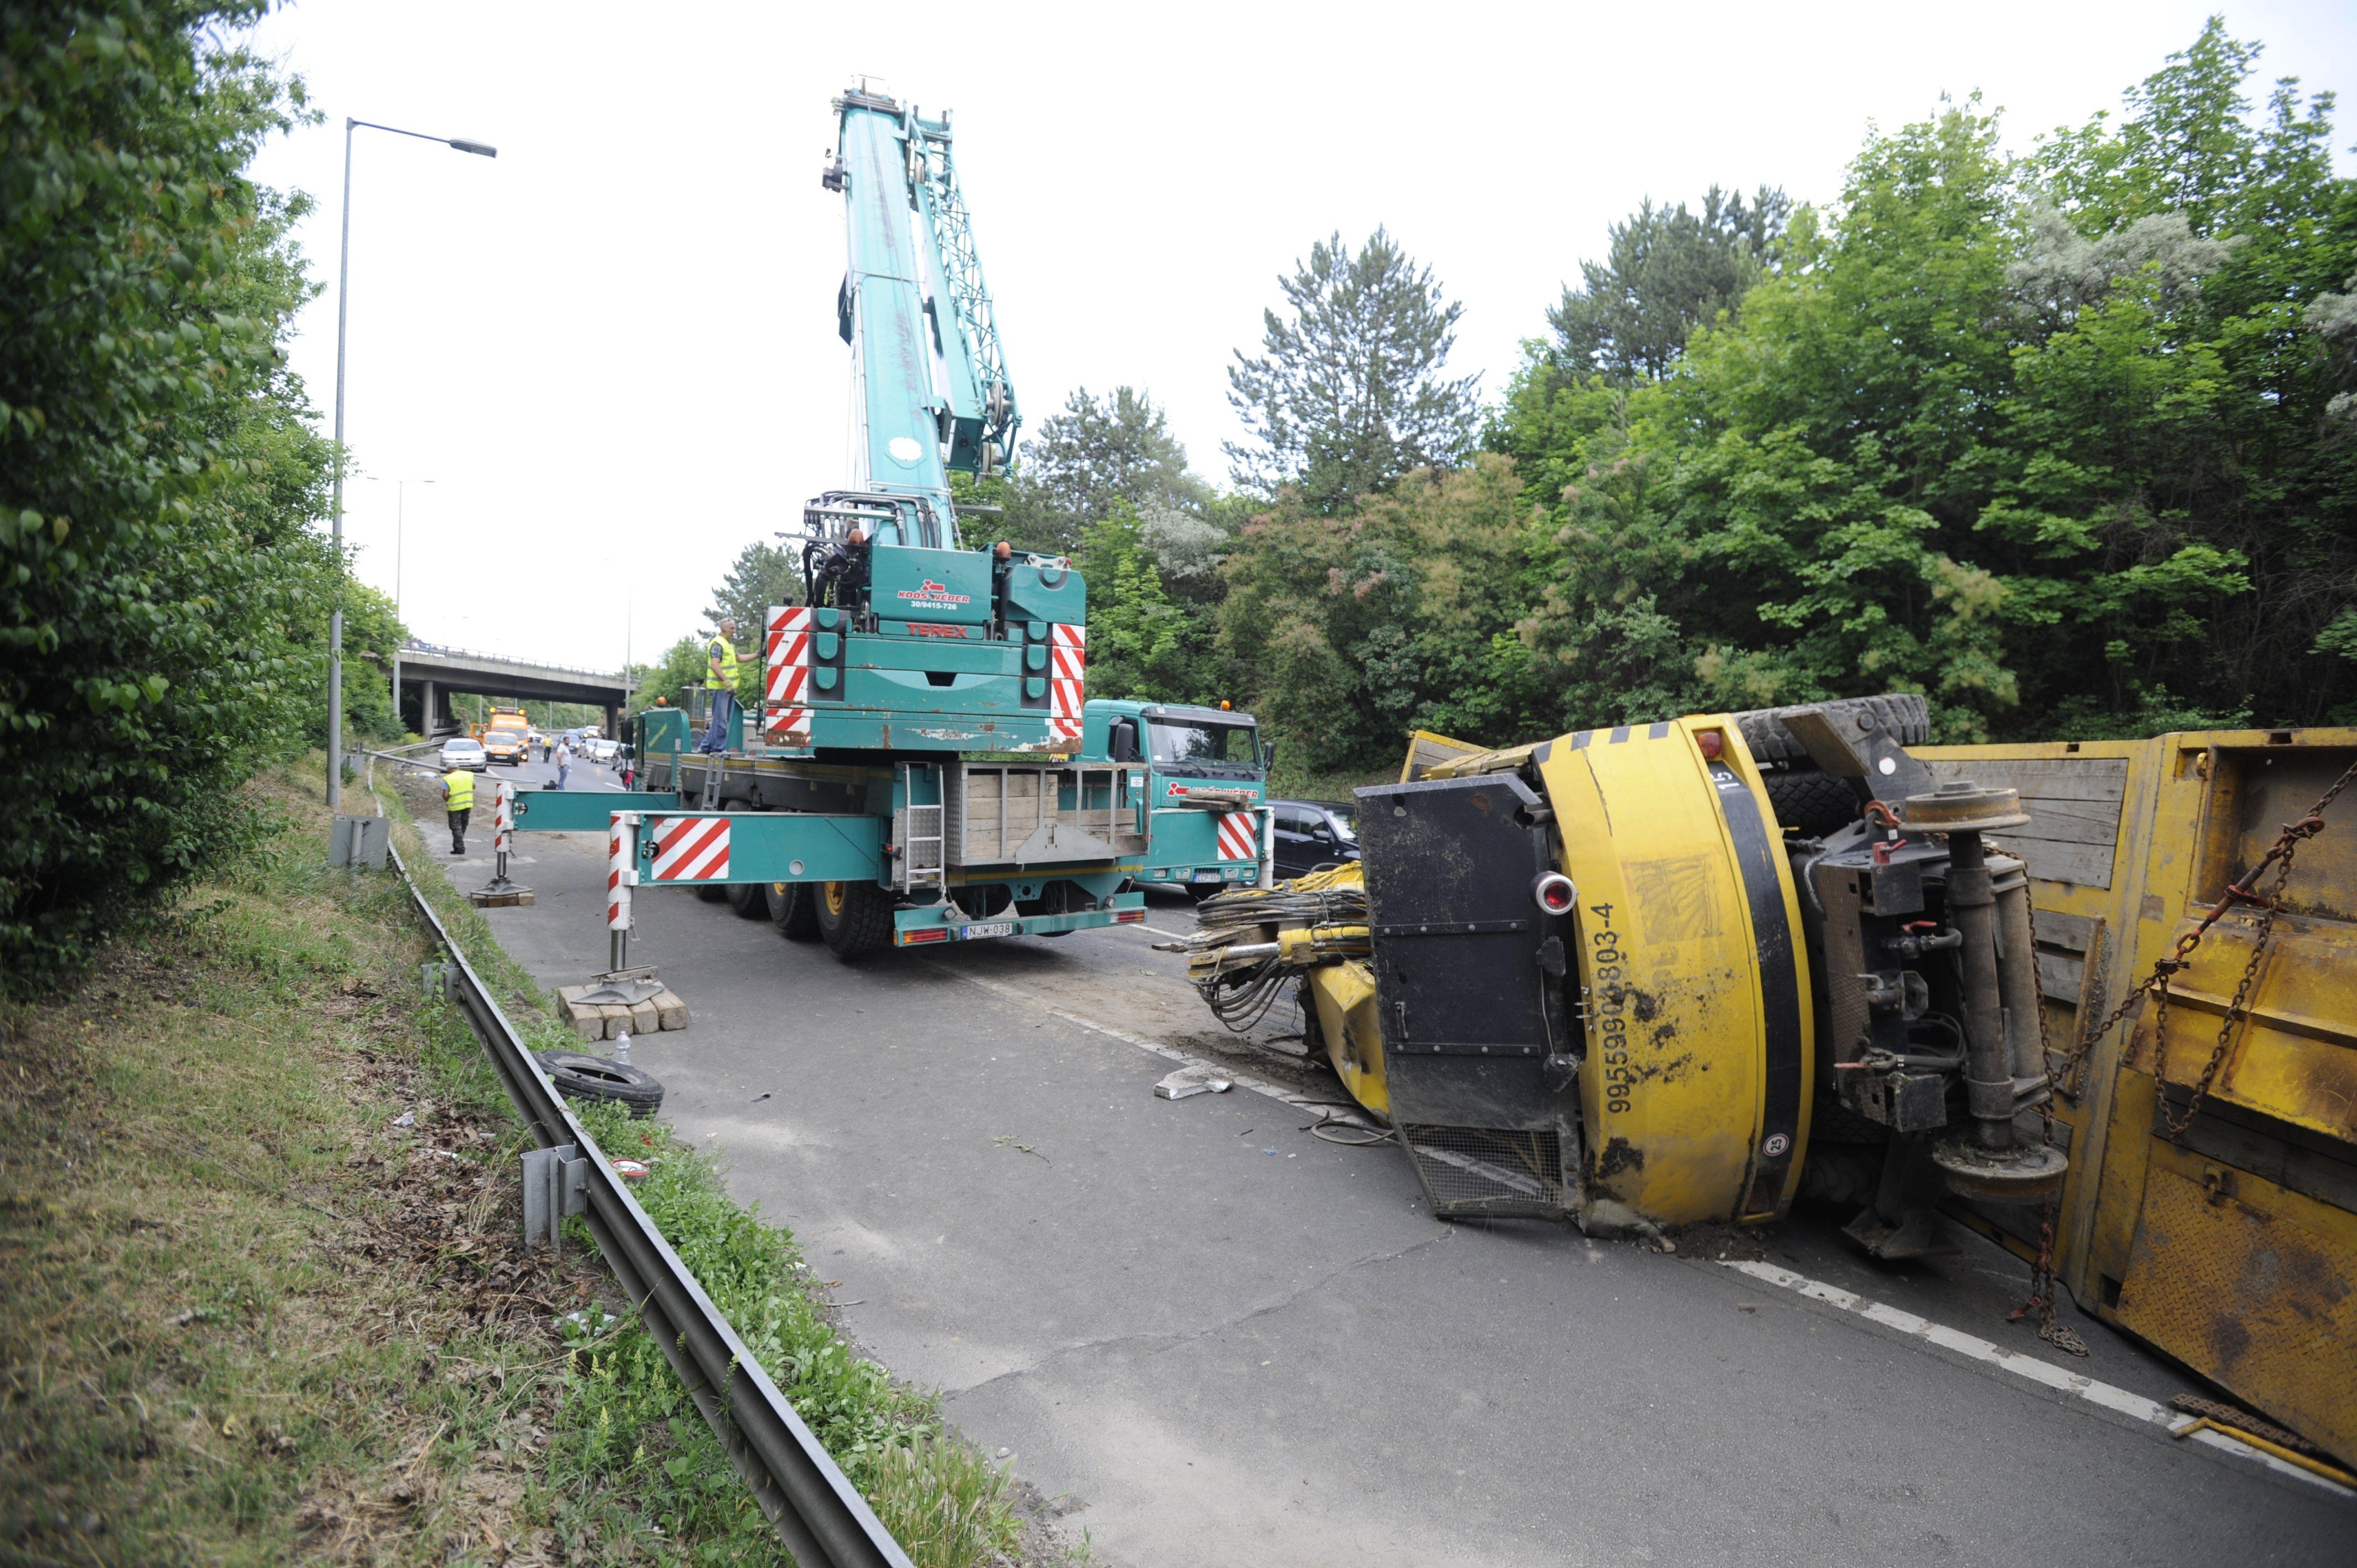 Felborult kamion miatt több kilométeres a dugó az M7-es Budapestről kivezető felén